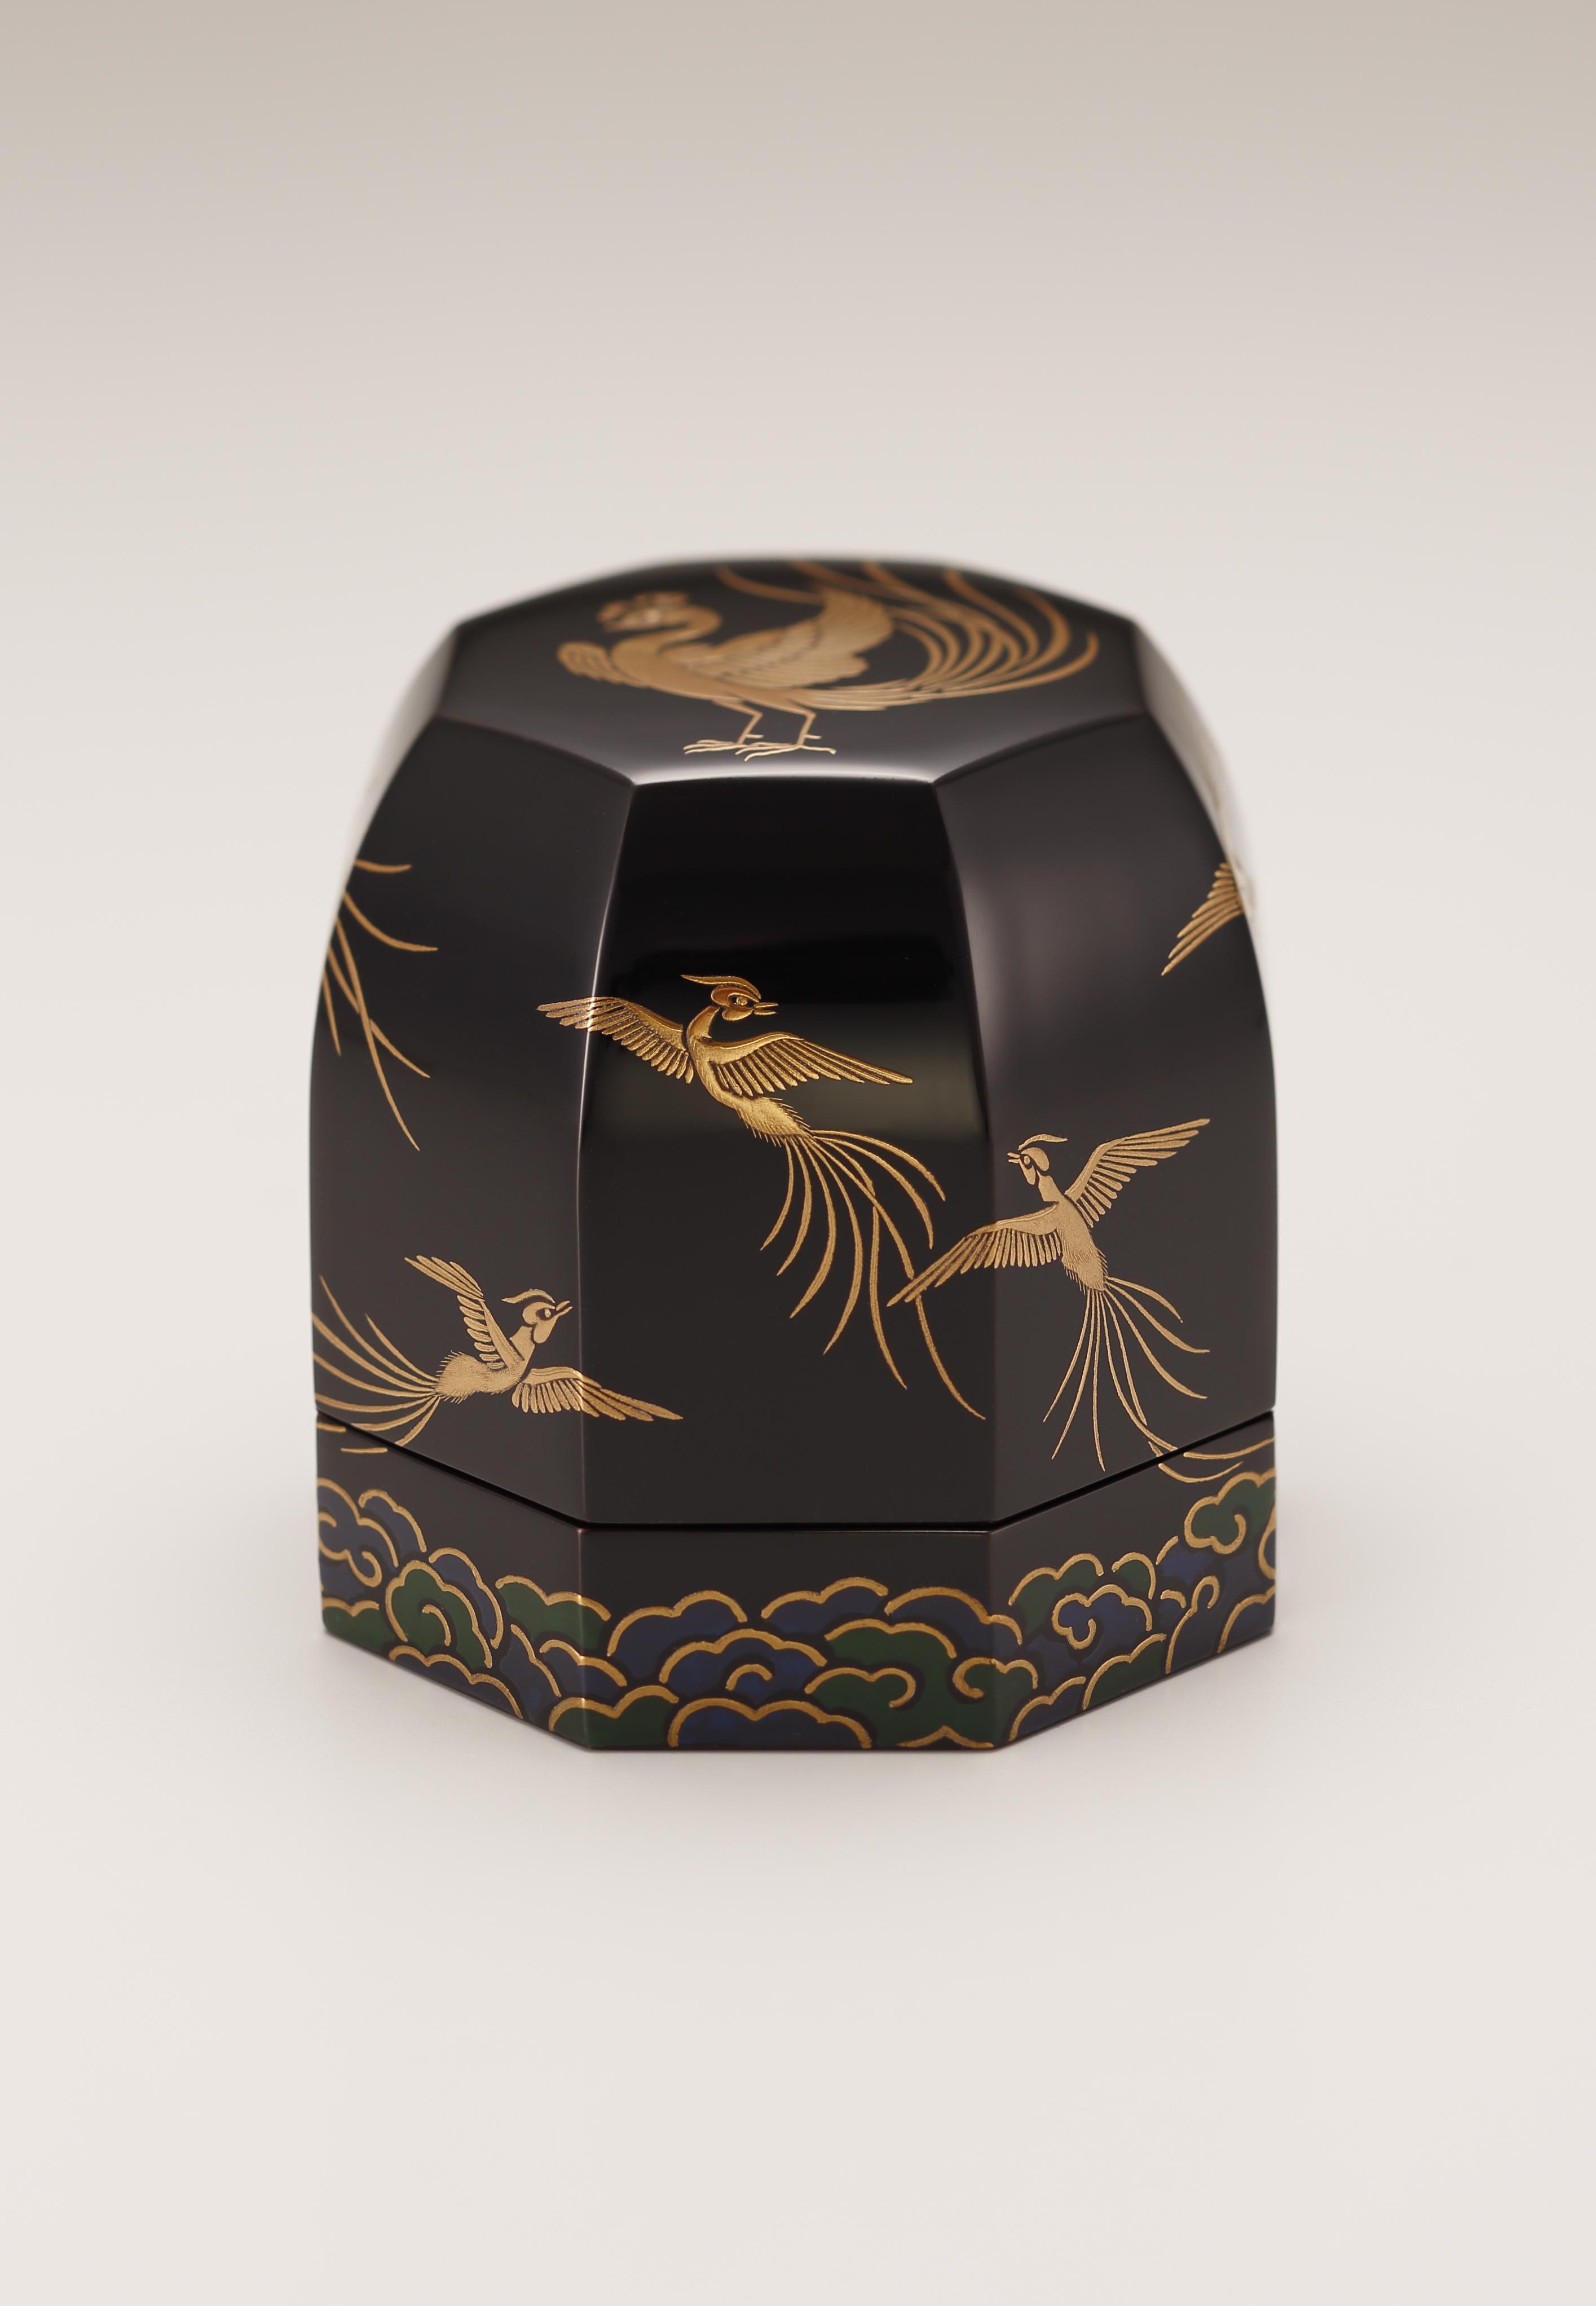 鳳凰瑞雲飾箱画像